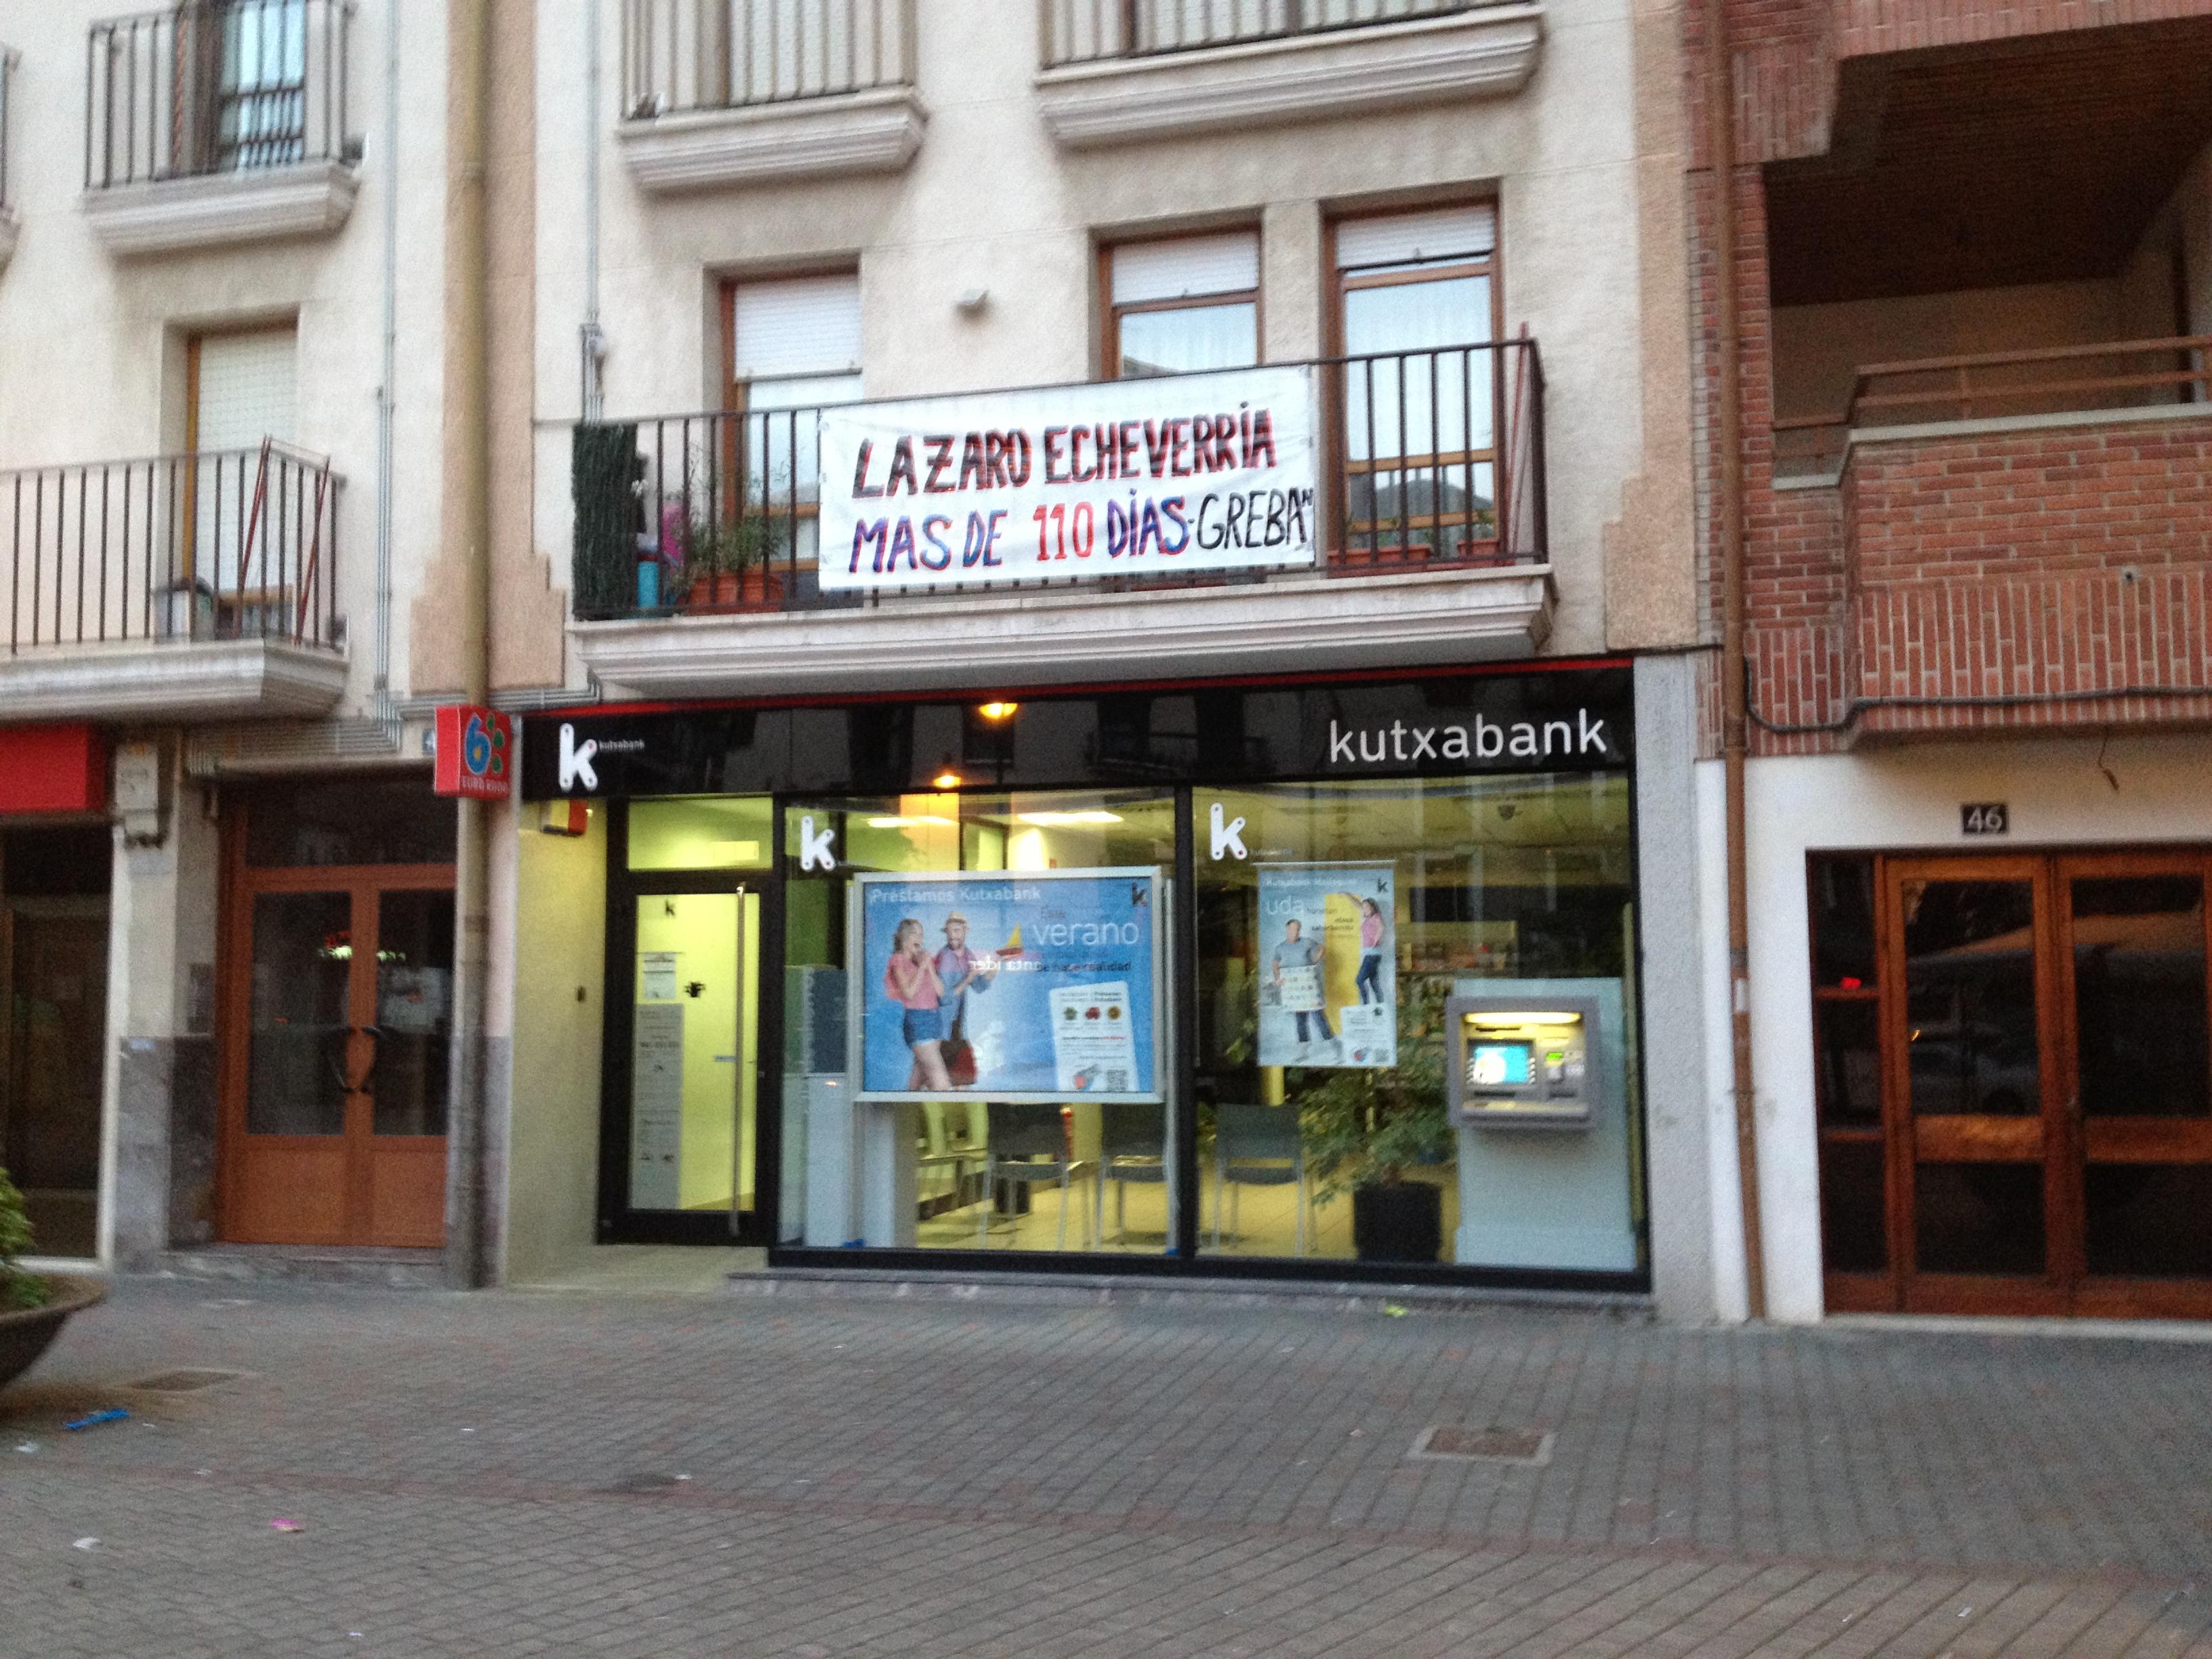 El l o de marcas de kutxabank gananzia for Kutxa oficinas madrid